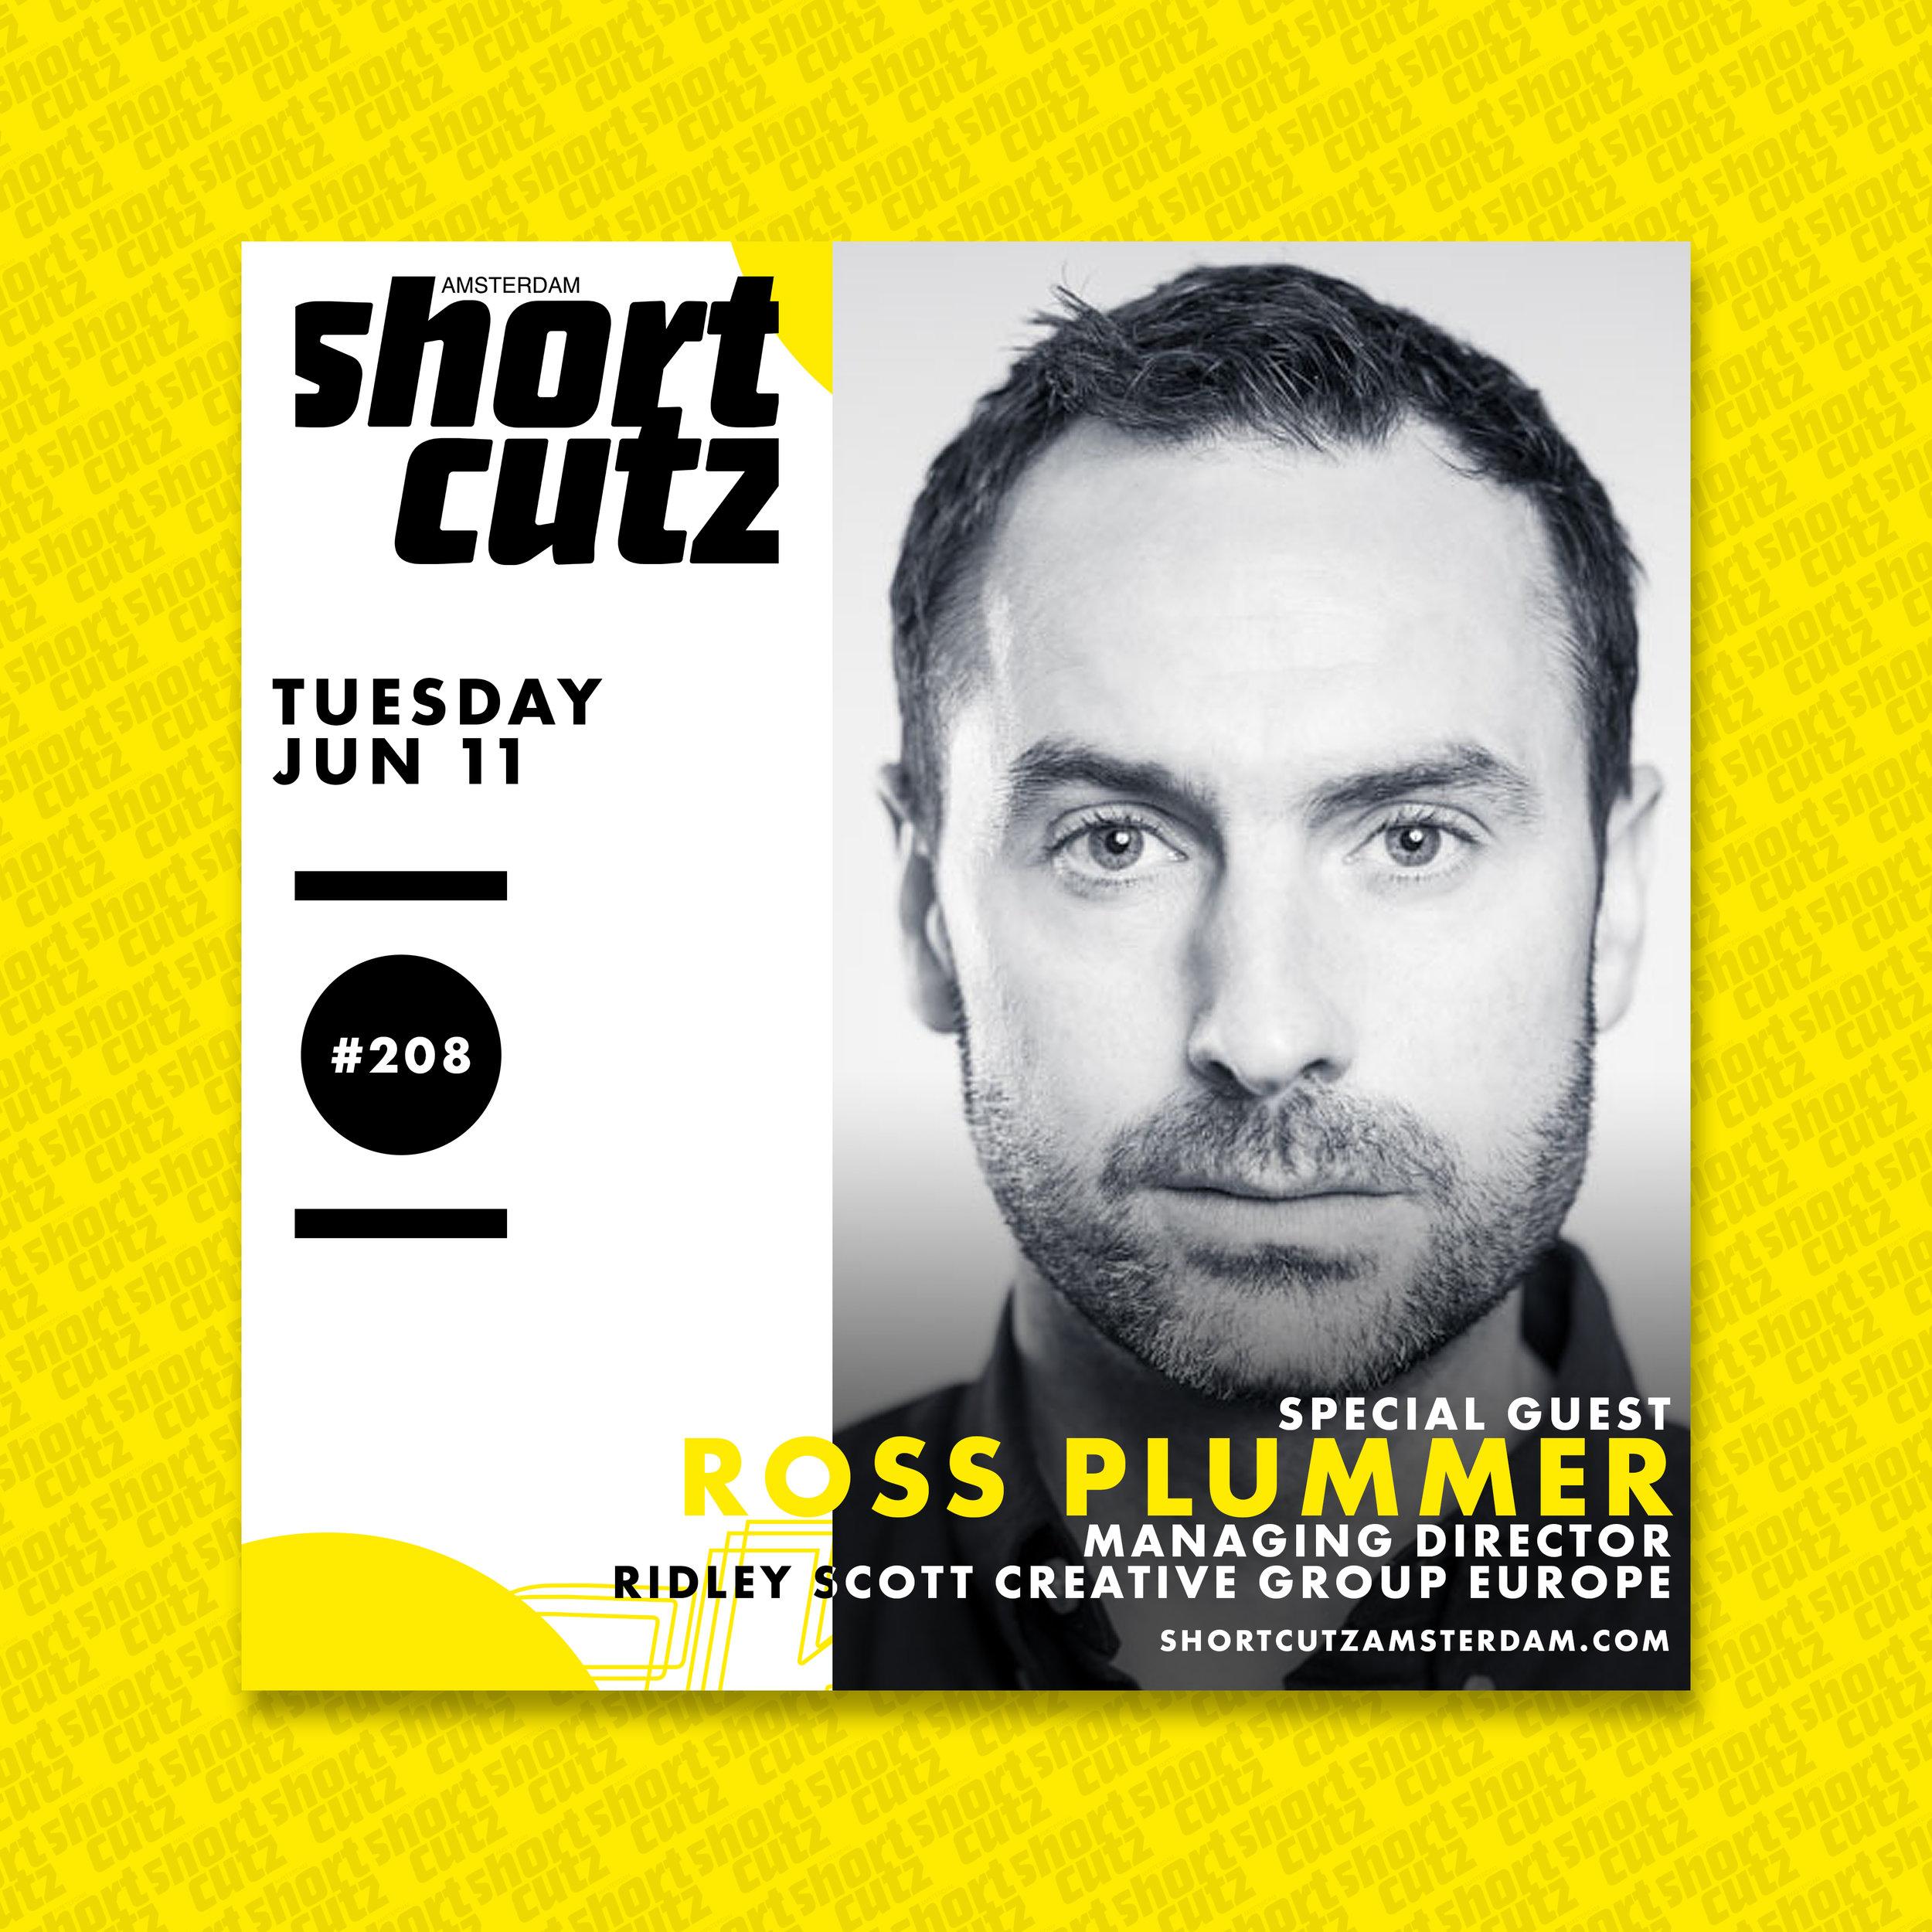 #208 Special Guest Ross Plummer.jpg